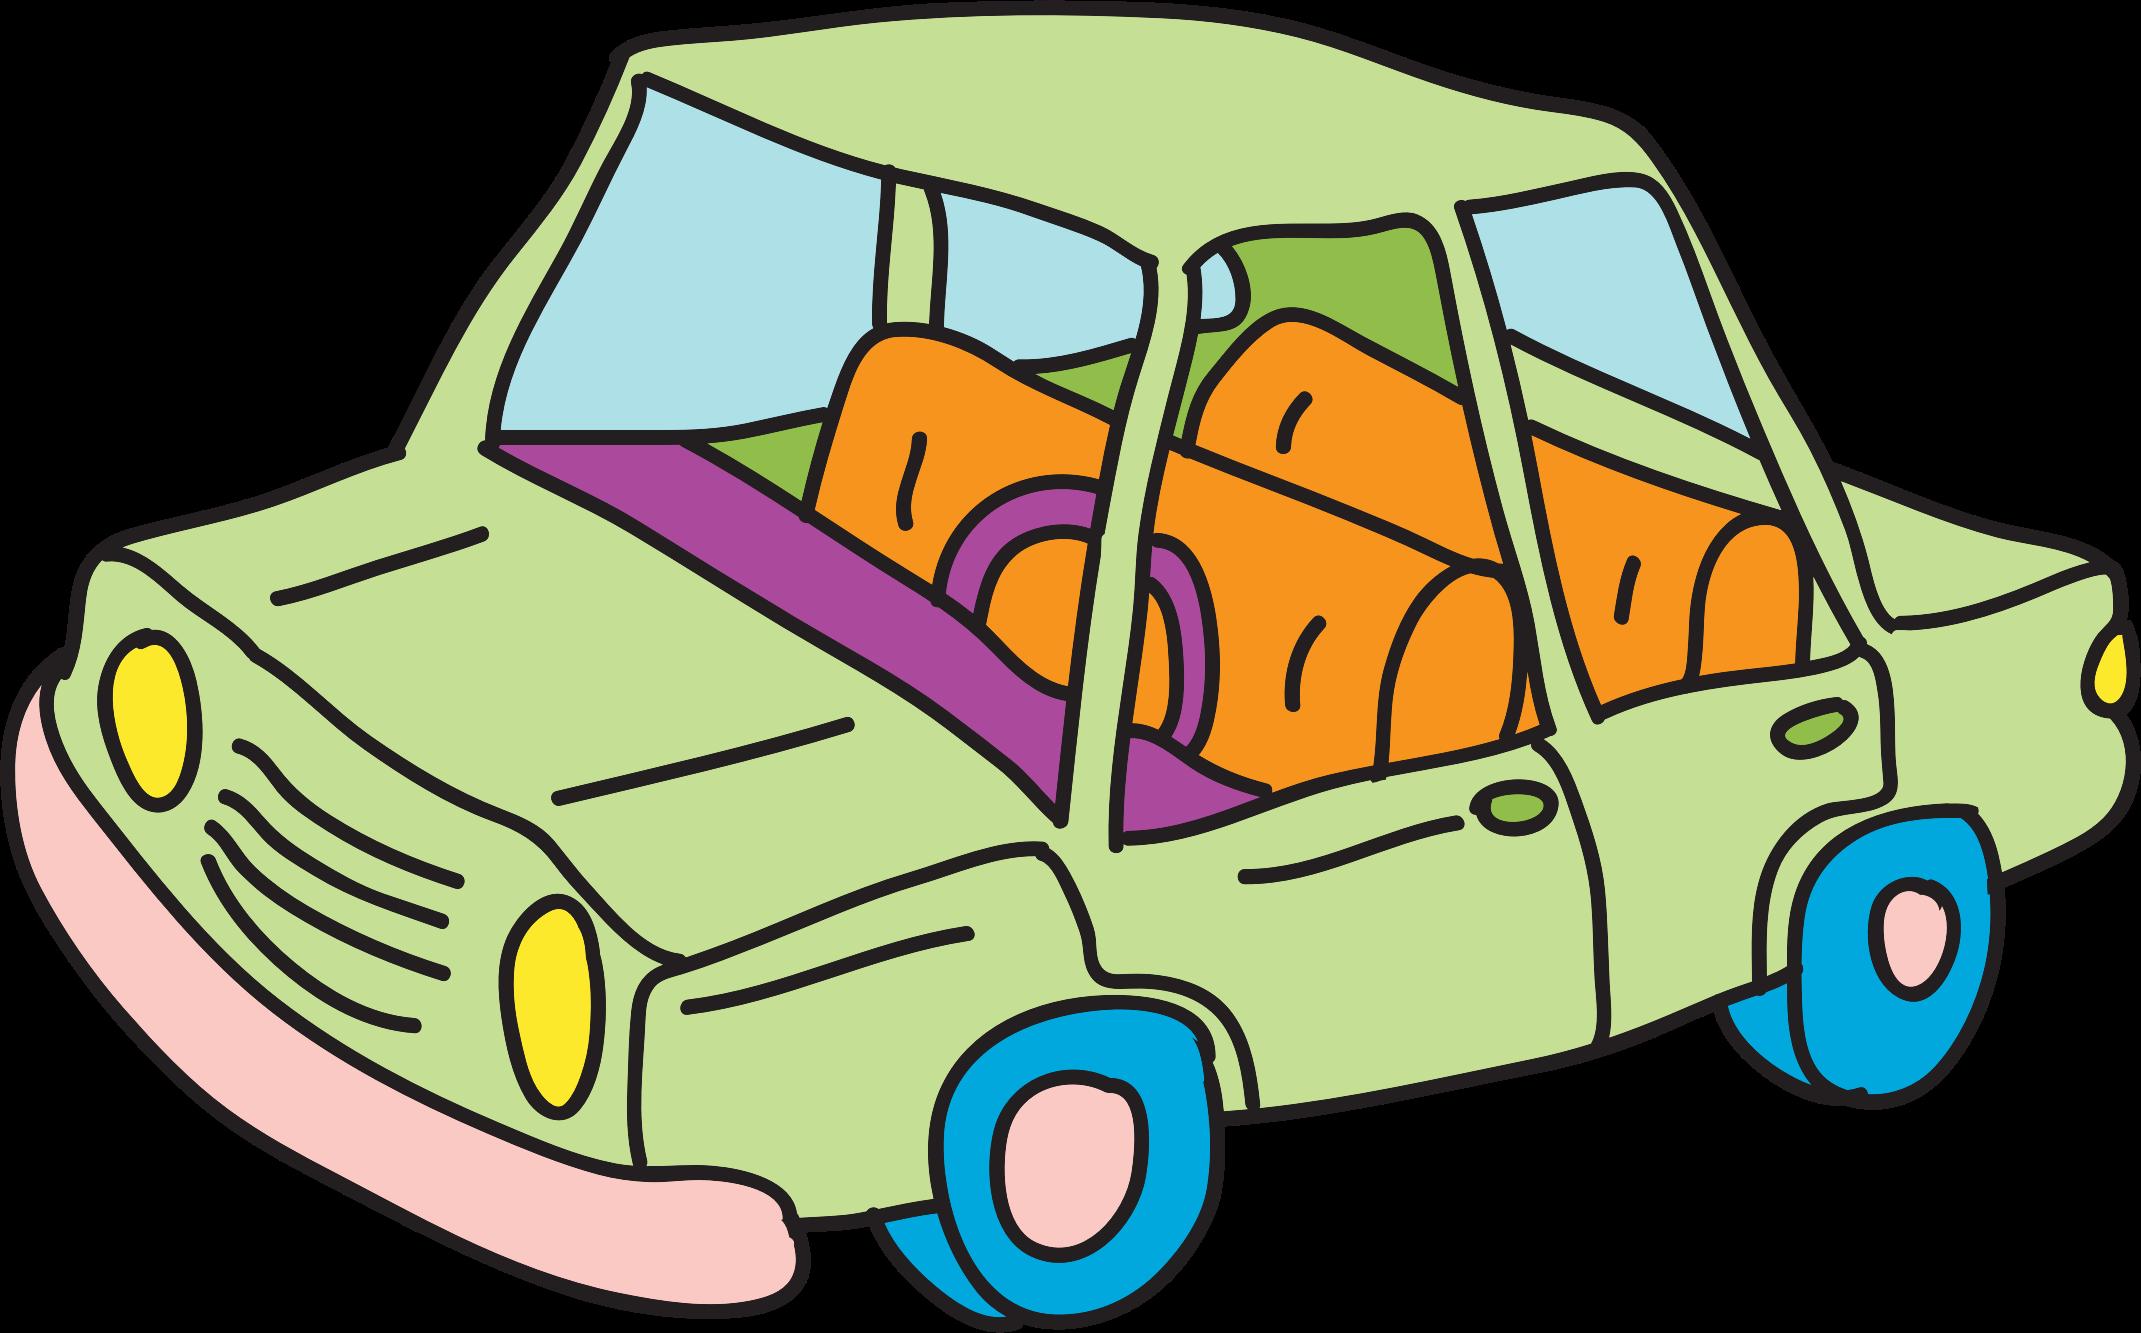 Car big image png. Clipart cars pencil